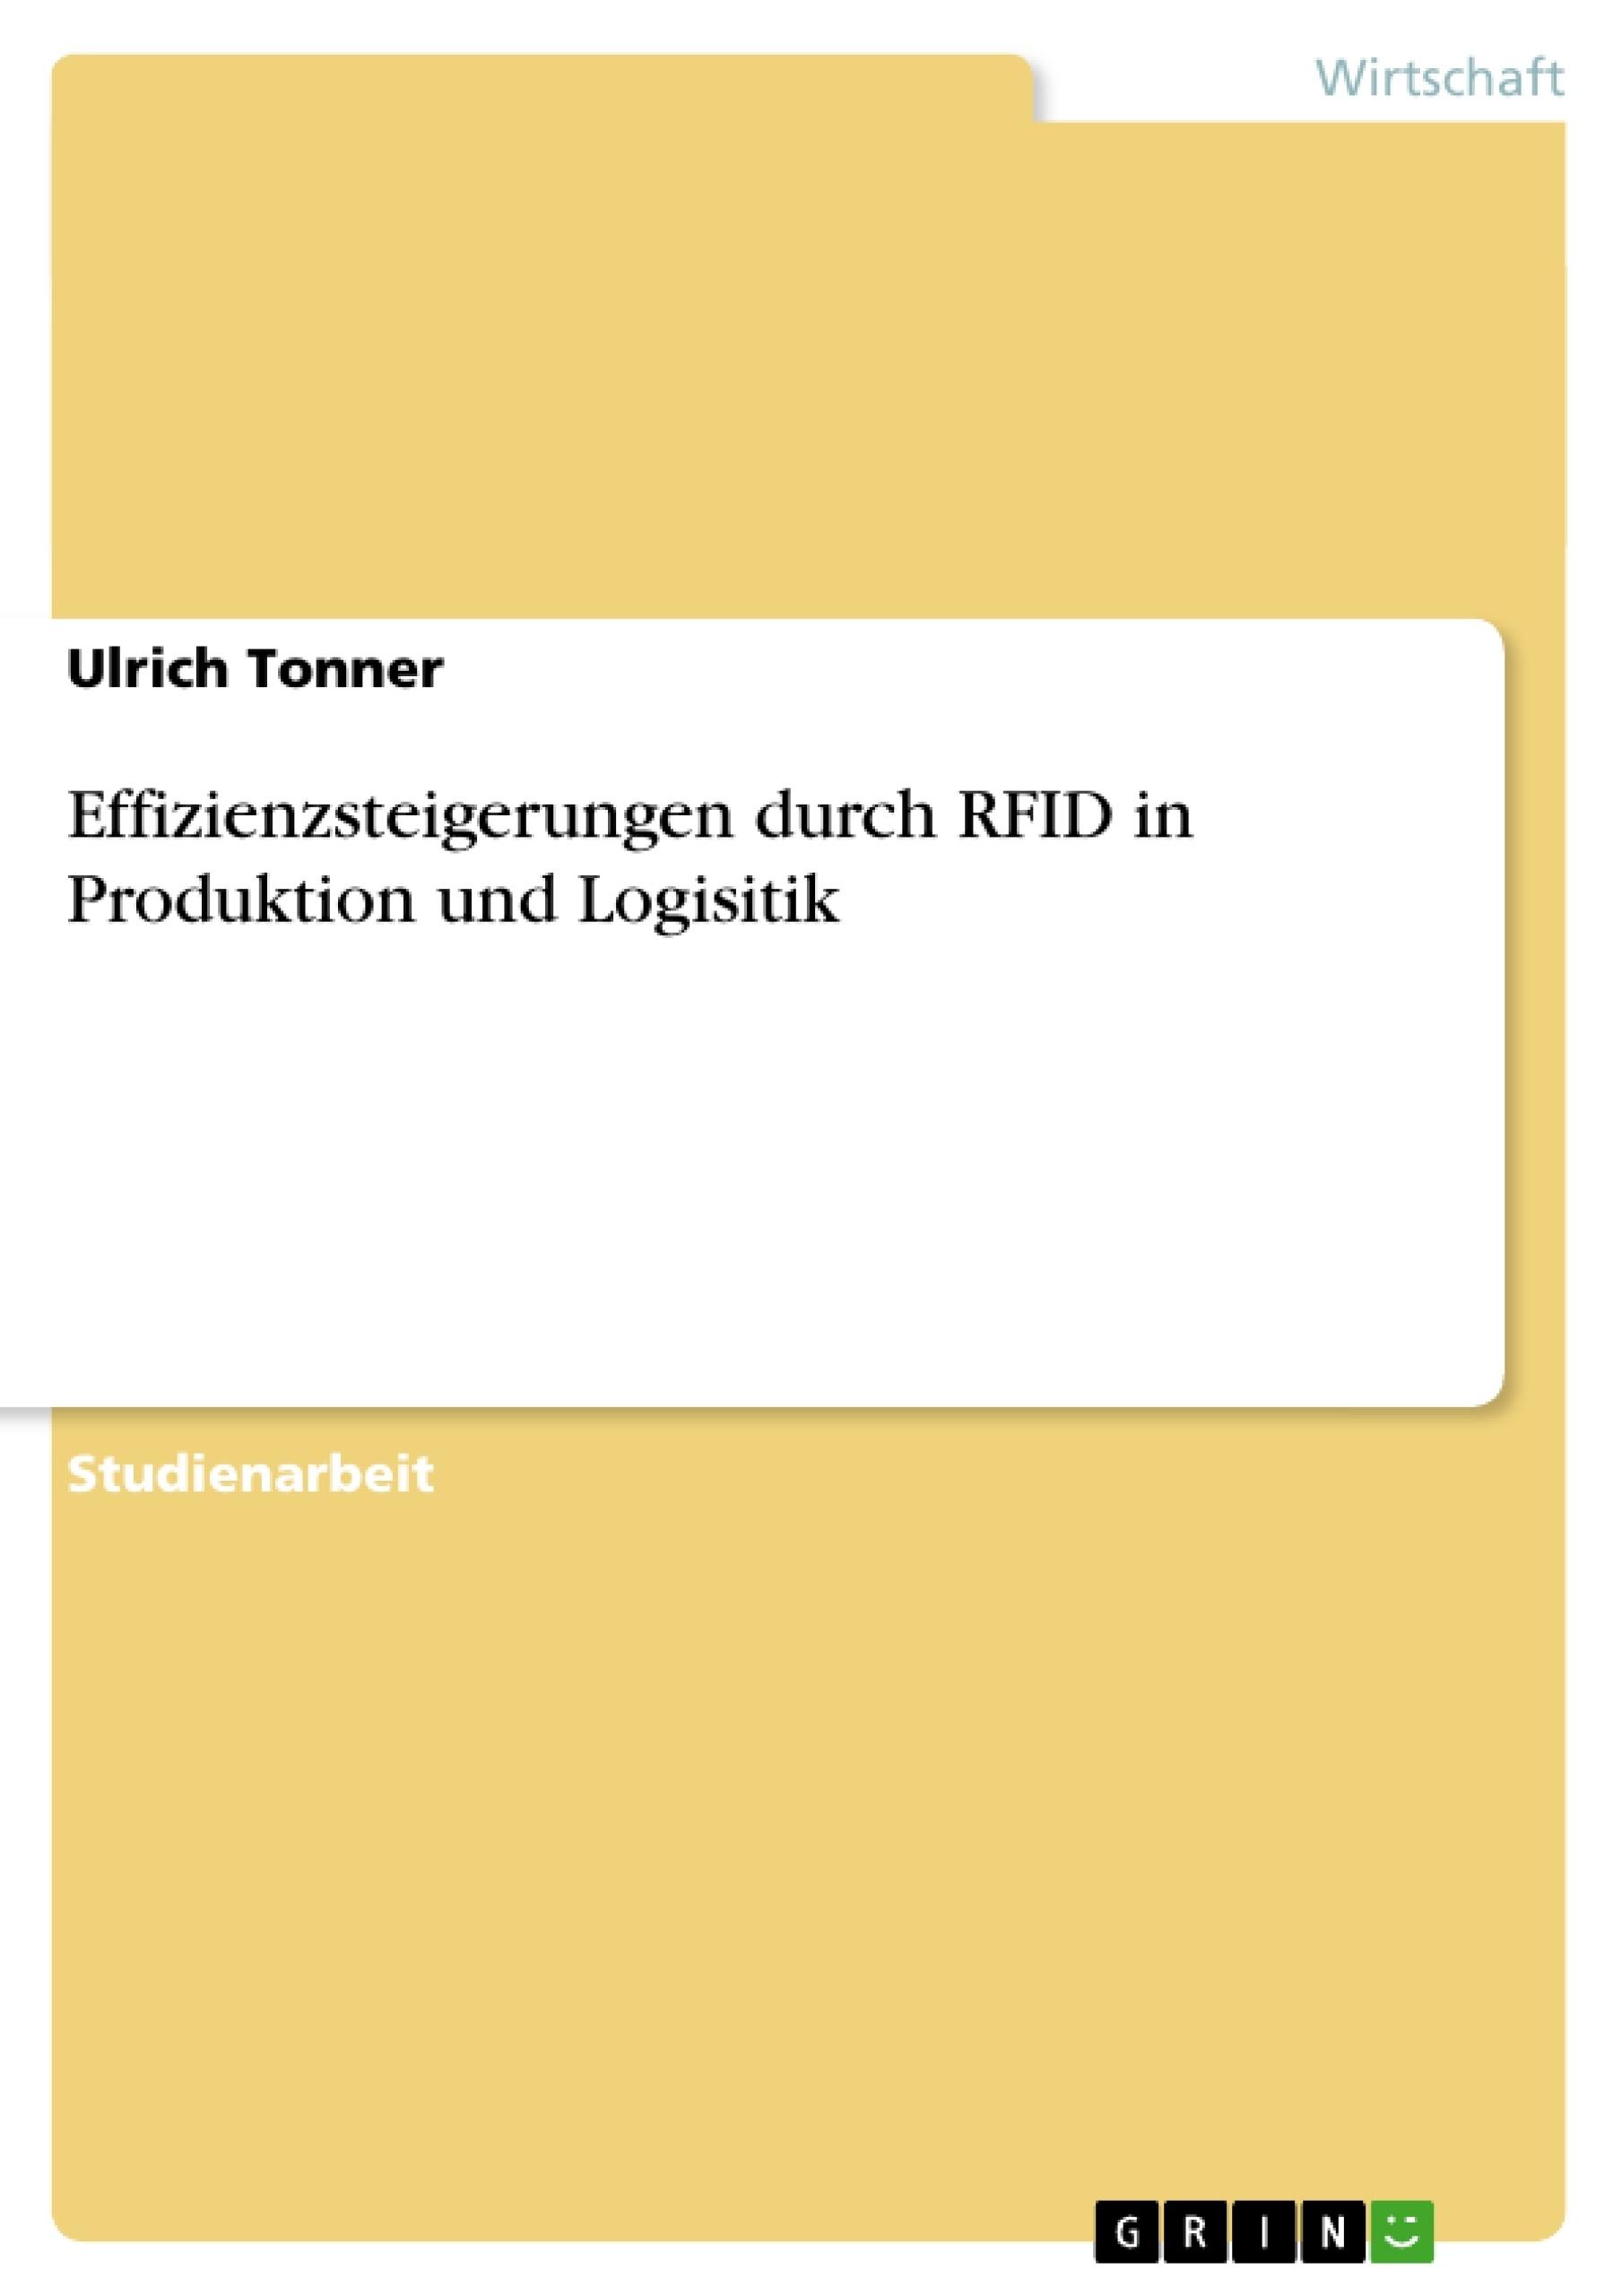 Titel: Effizienzsteigerungen durch RFID in Produktion und Logisitik